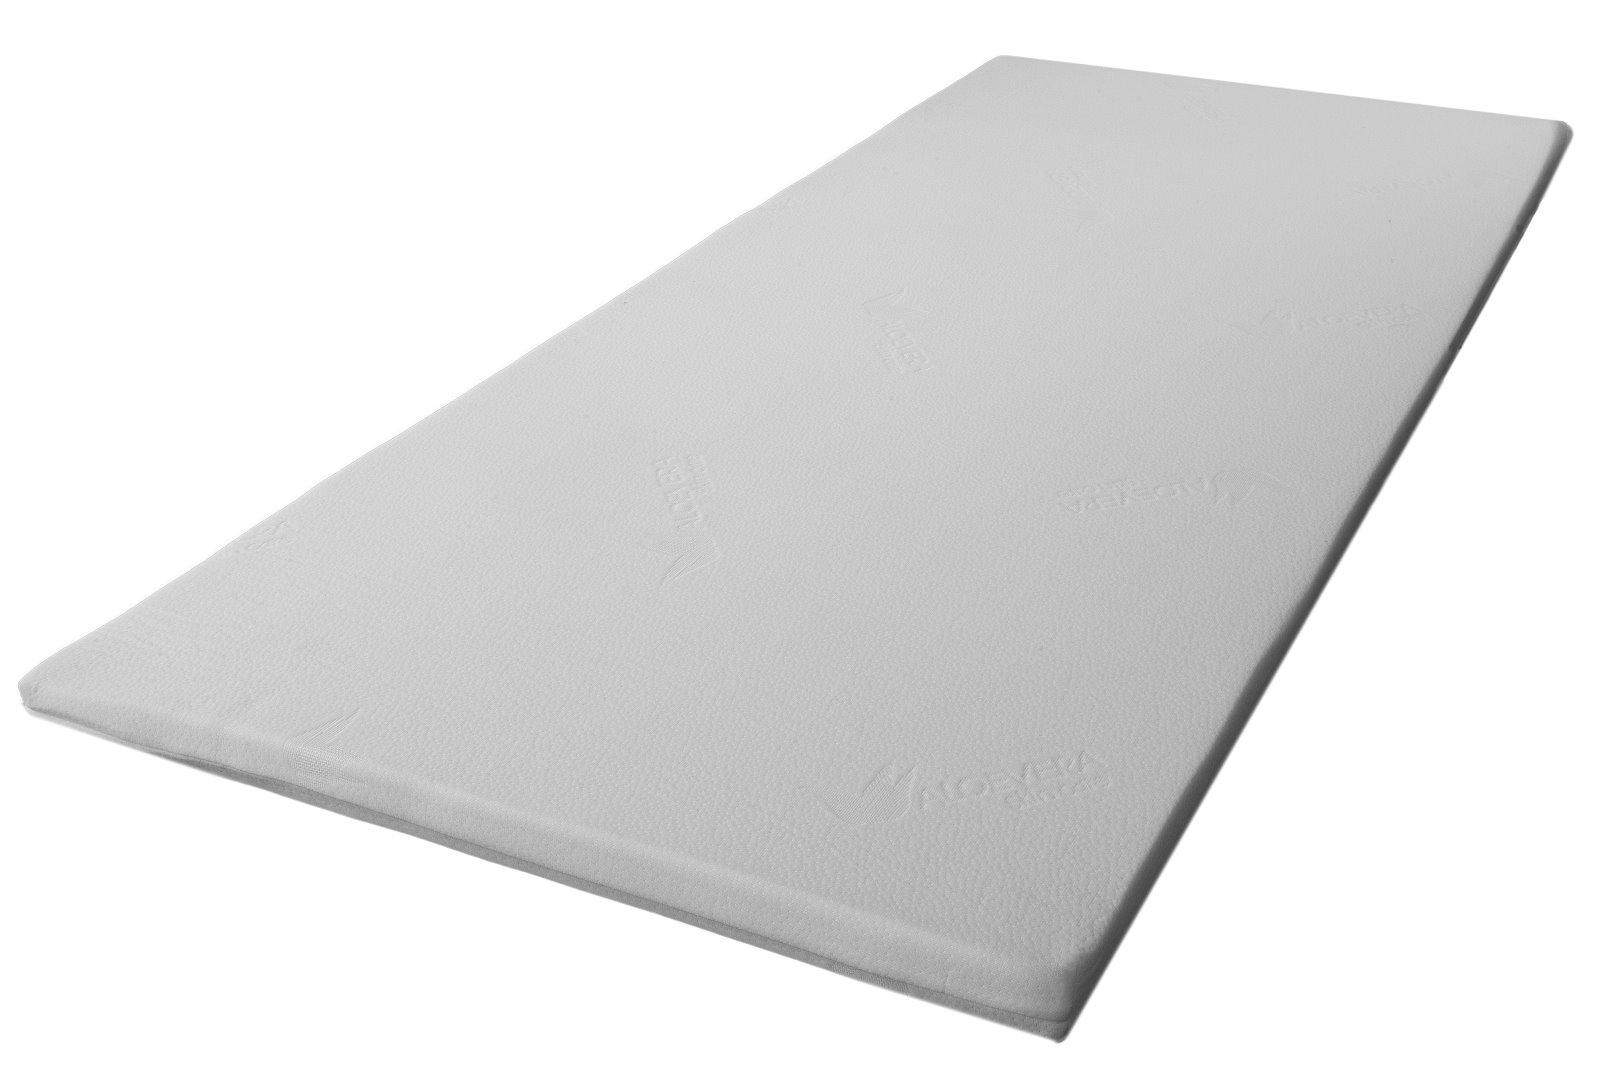 matratzenauflagen und topper f r alle betten und matratzen moebel action. Black Bedroom Furniture Sets. Home Design Ideas